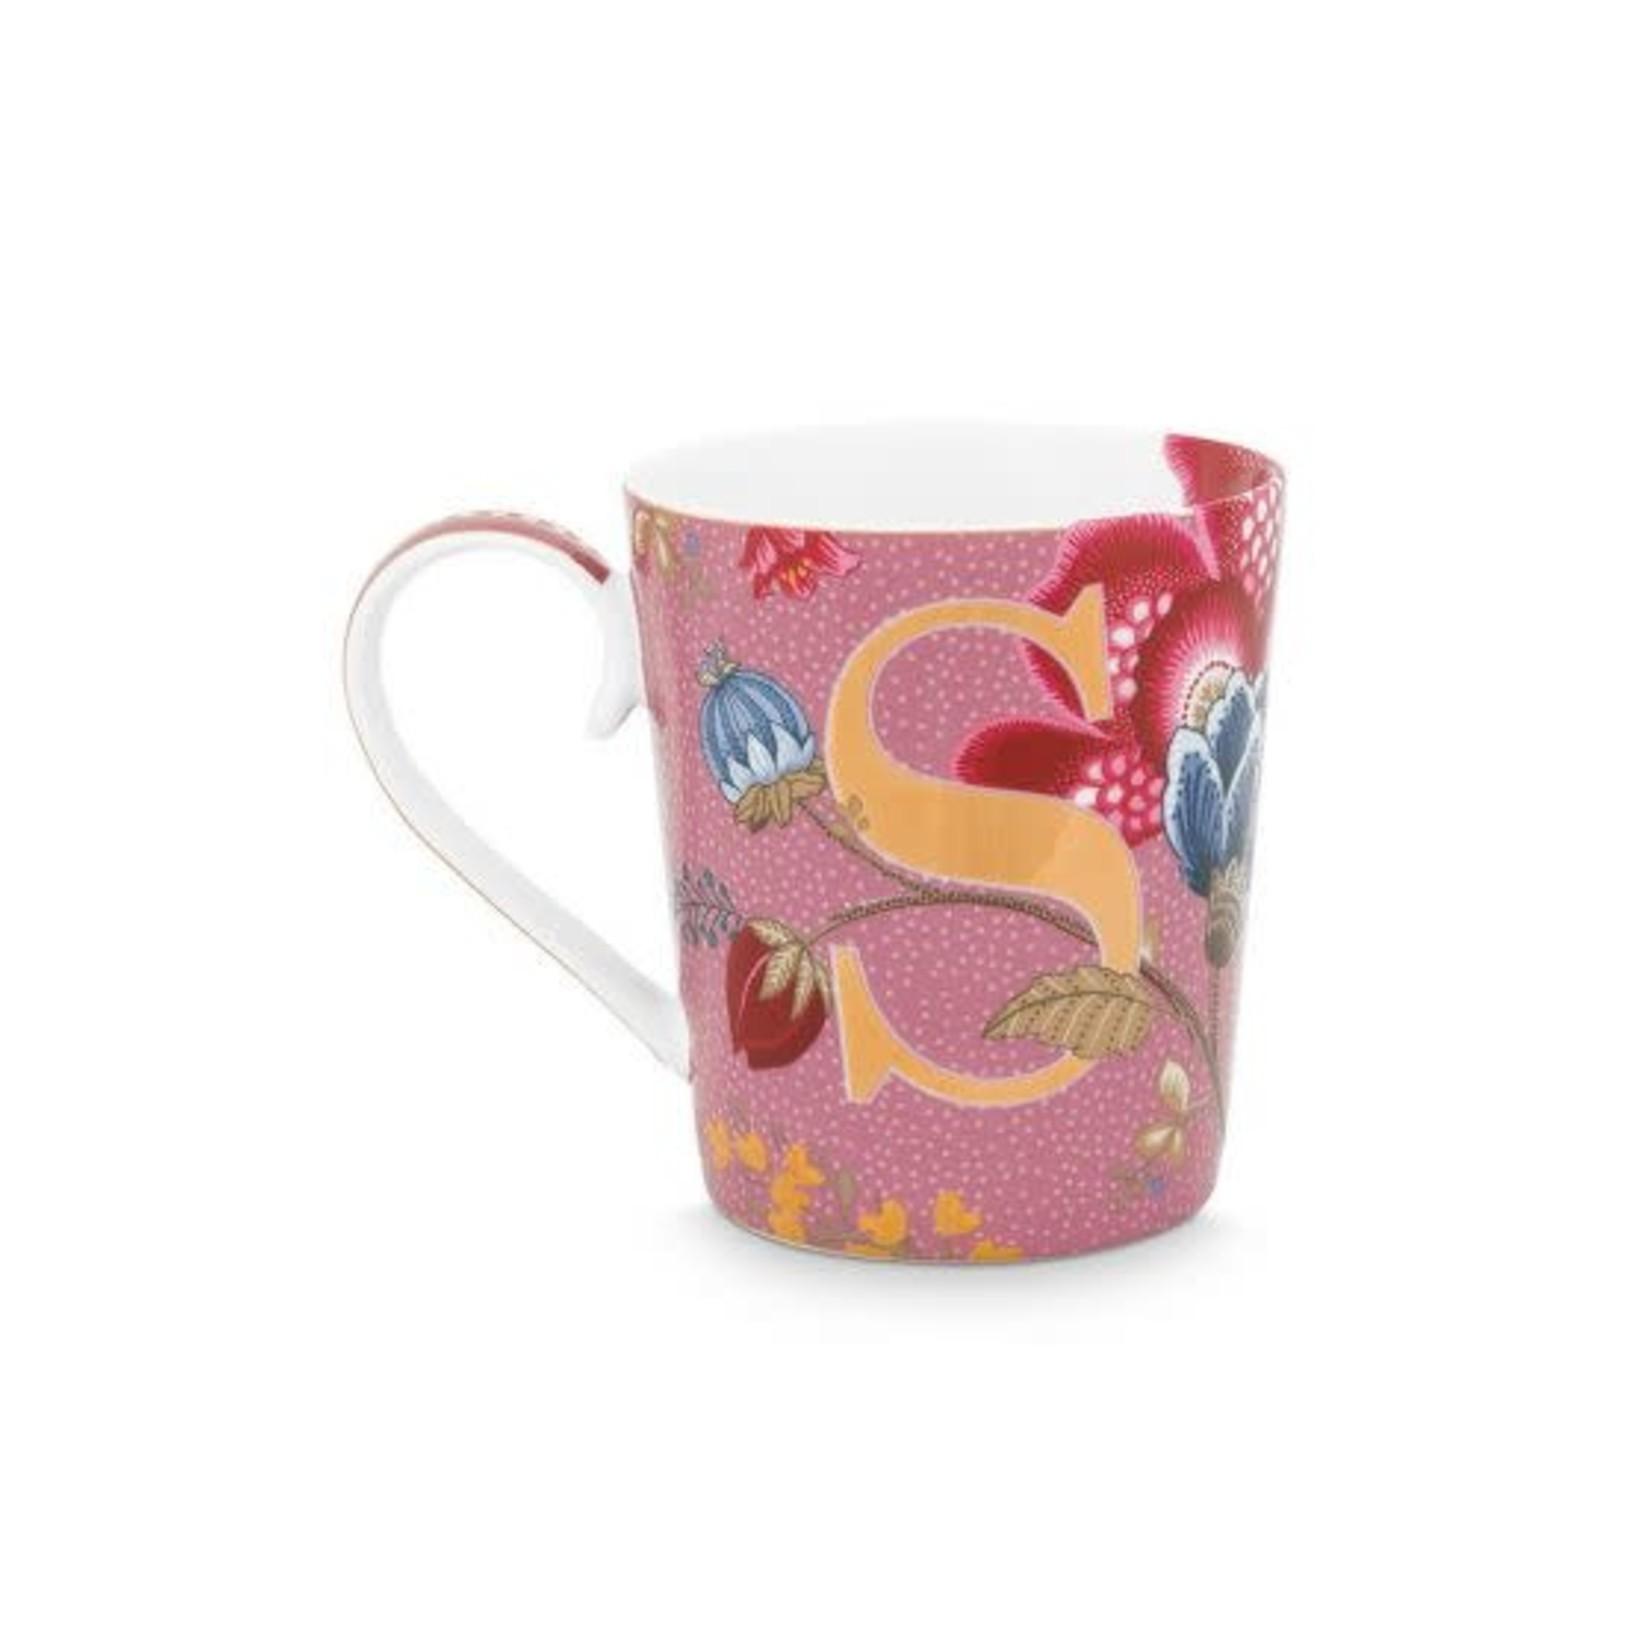 Pip Studio Alphabet Mugs Alphabet Mug Floral Fantasy Pink S 350ml